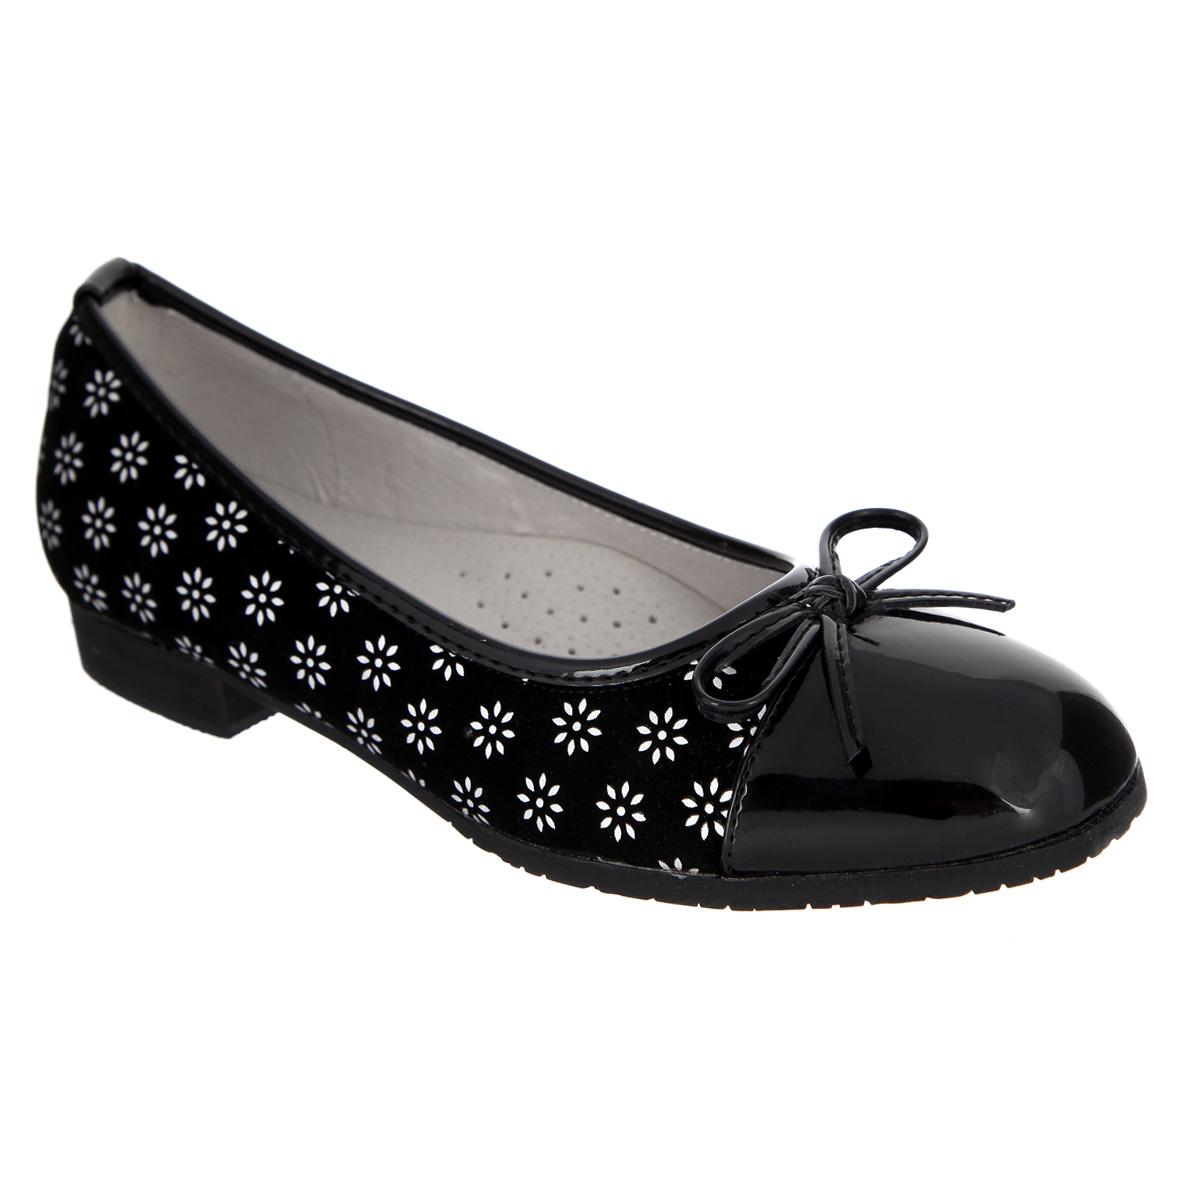 Туфли для девочки. 60220126022012Модные туфли от Mursu помогут вашей девочке создать обворожительный образ. Модель выполнена из искусственной замши и декорирована вставками из лакированной кожи на мысе, вдоль канта и на пятке, украшена цветочным узором. Мыс туфель оформлен милым бантиком. Стелька из натуральной кожи - с супинатором, который обеспечивает правильное положение ноги ребенка при ходьбе, предотвращает плоскостопие. Невысокий каблук и подошва - с противоскользящим рифлением. Стильные туфли придутся по душе вашей малышке.